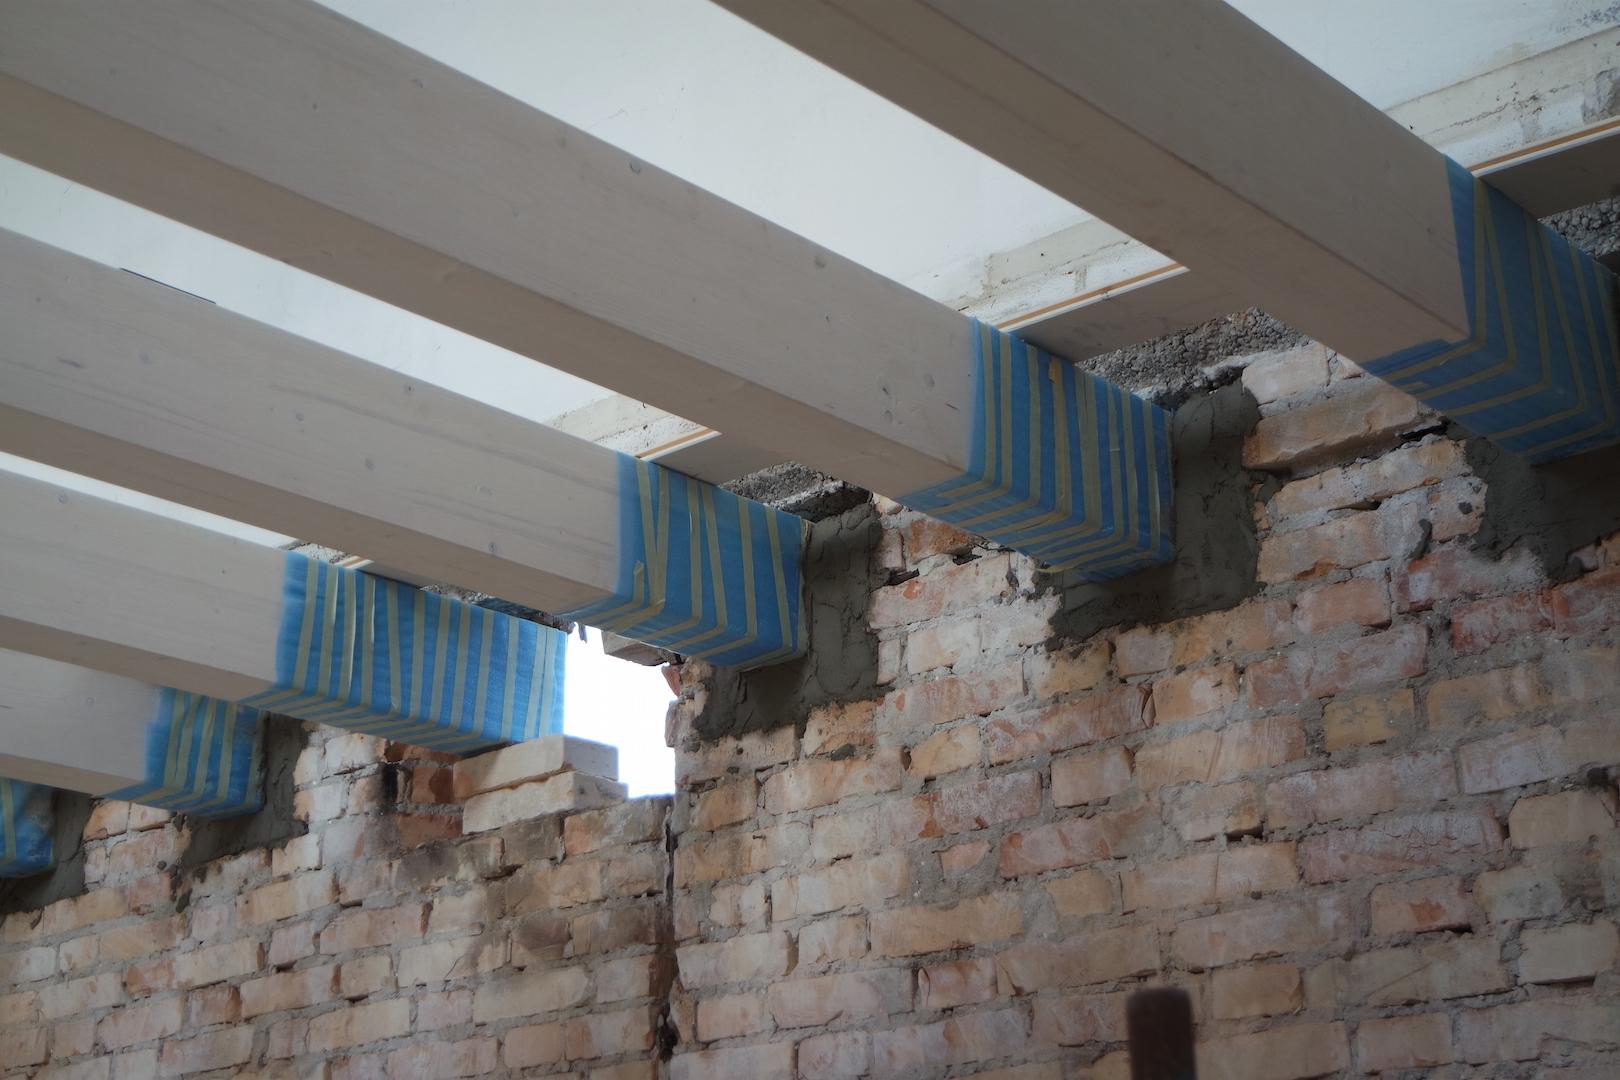 Travi per rifacimento solaio top team costruzioni - Rifacimento bagno manutenzione ordinaria o straordinaria ...